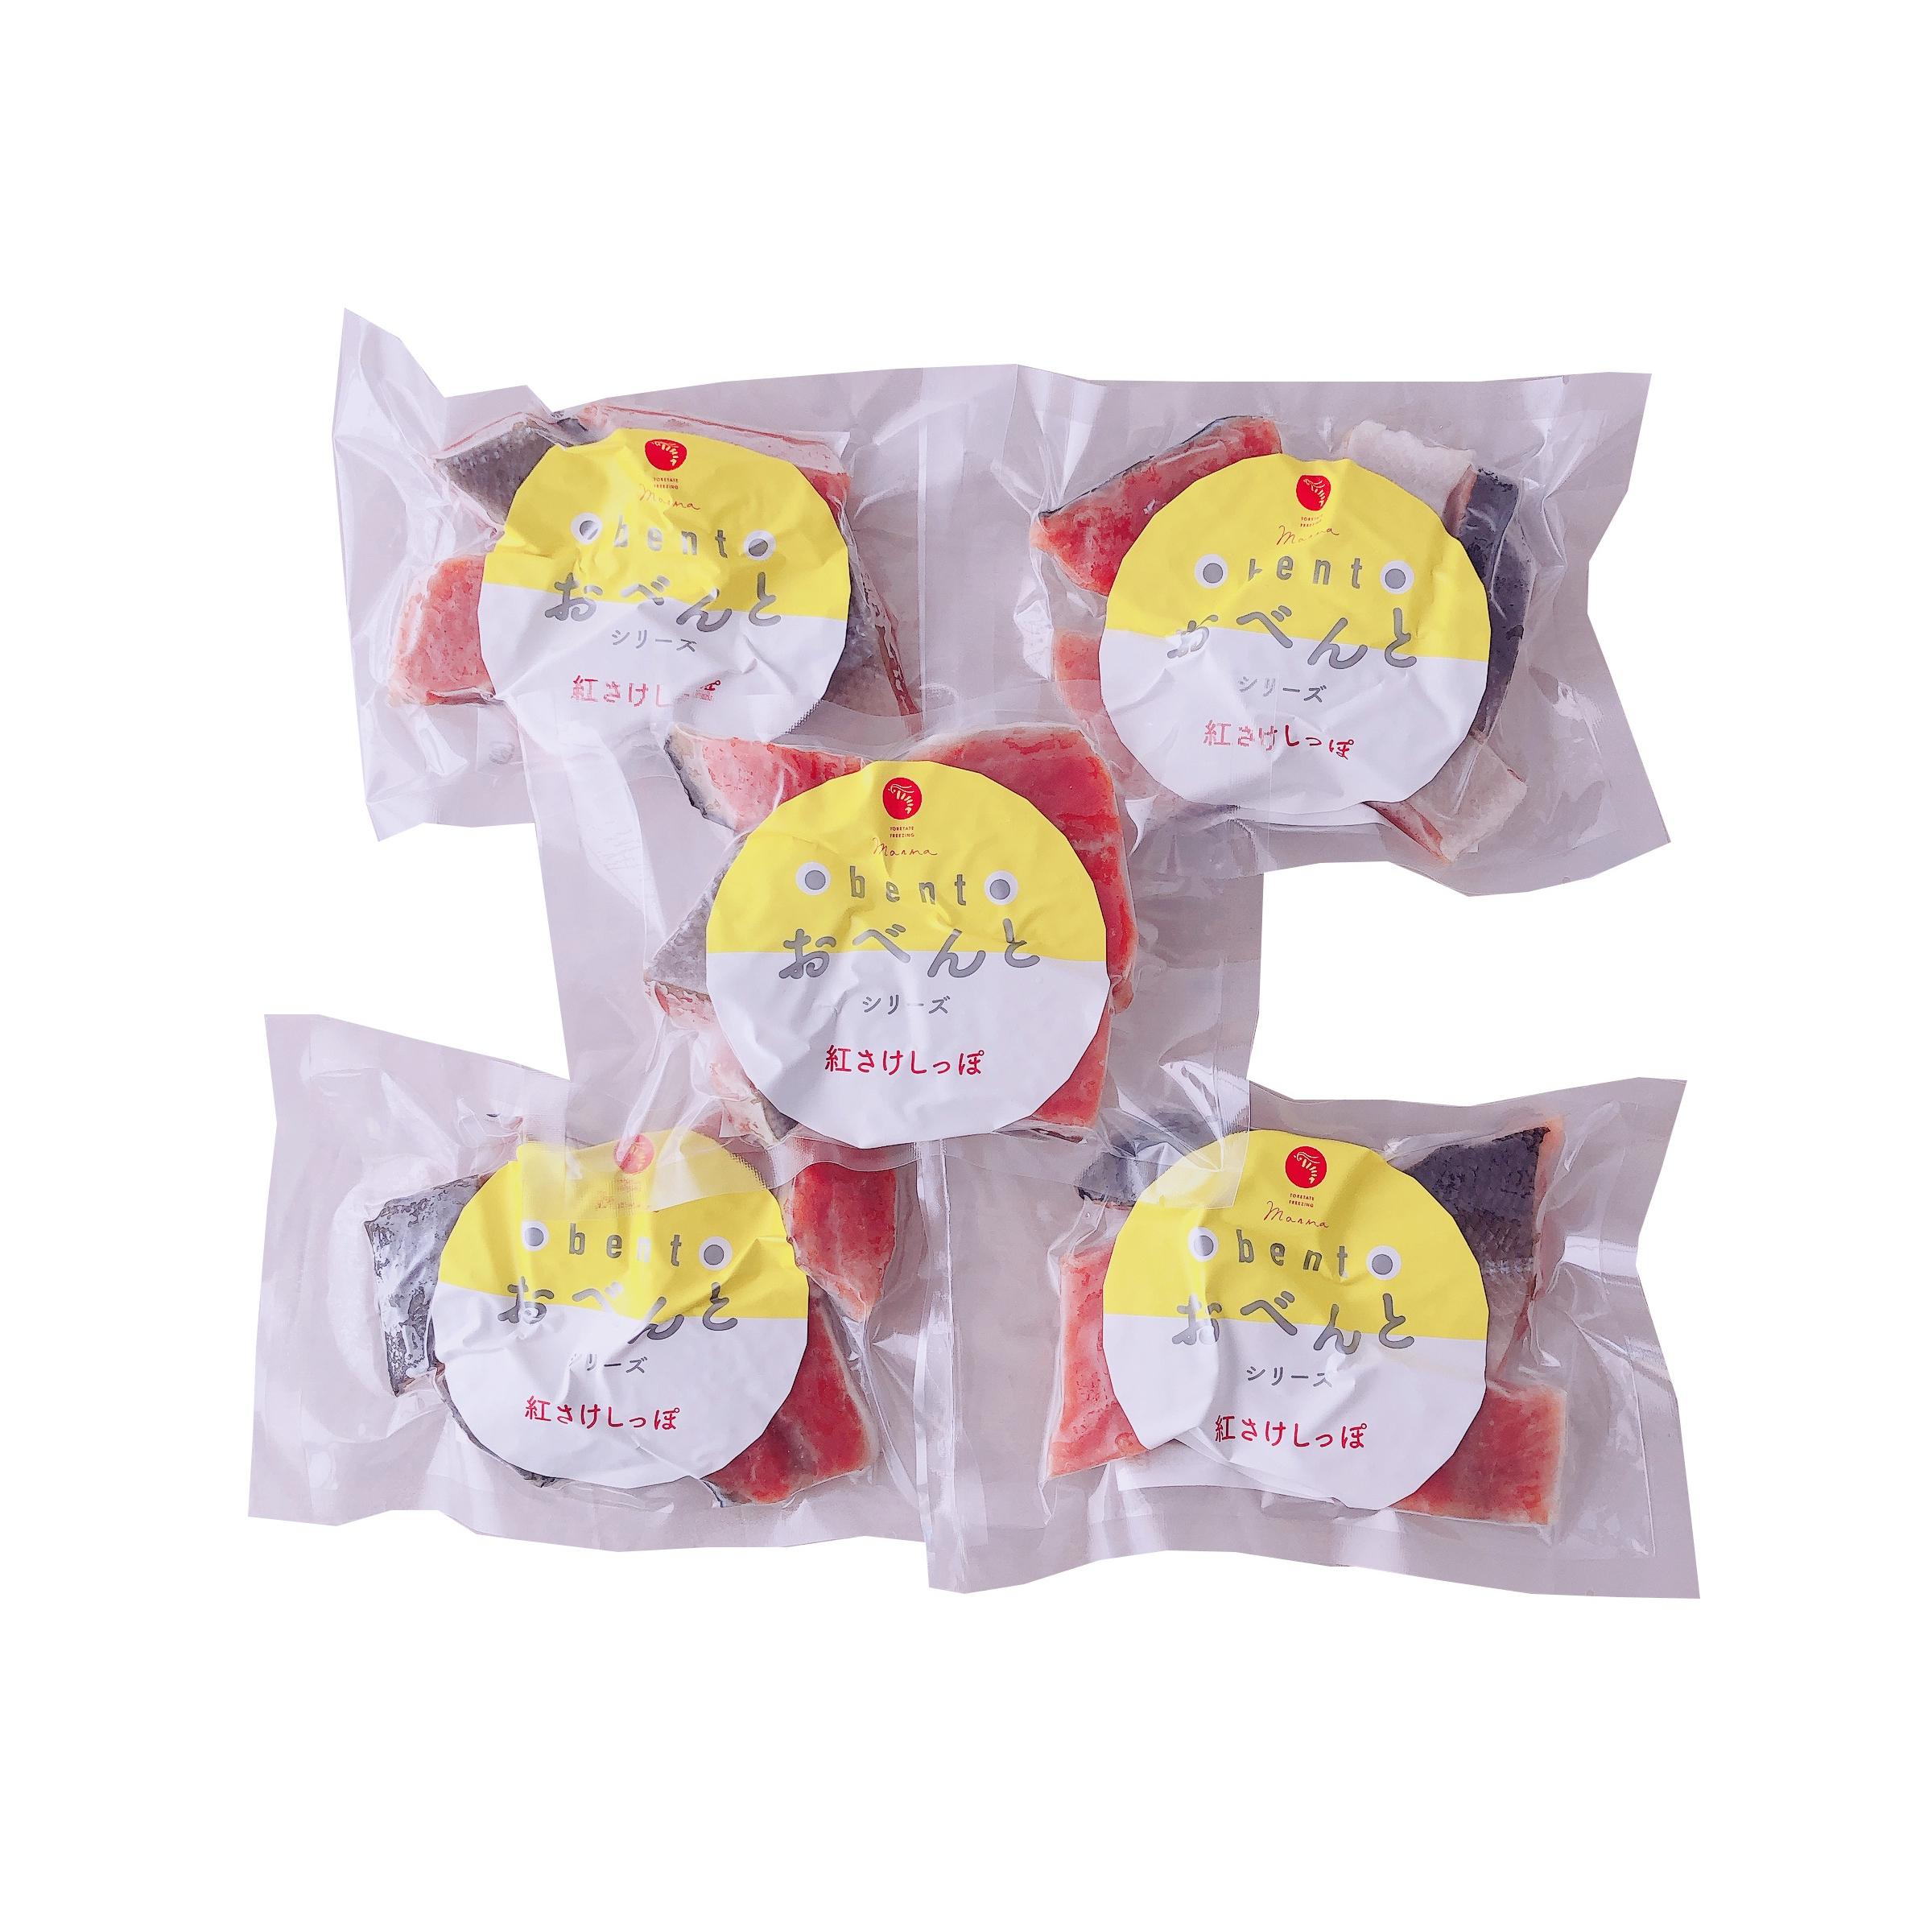 紅さけしっぽ 120g【おべんとシリーズ】×5パックセット